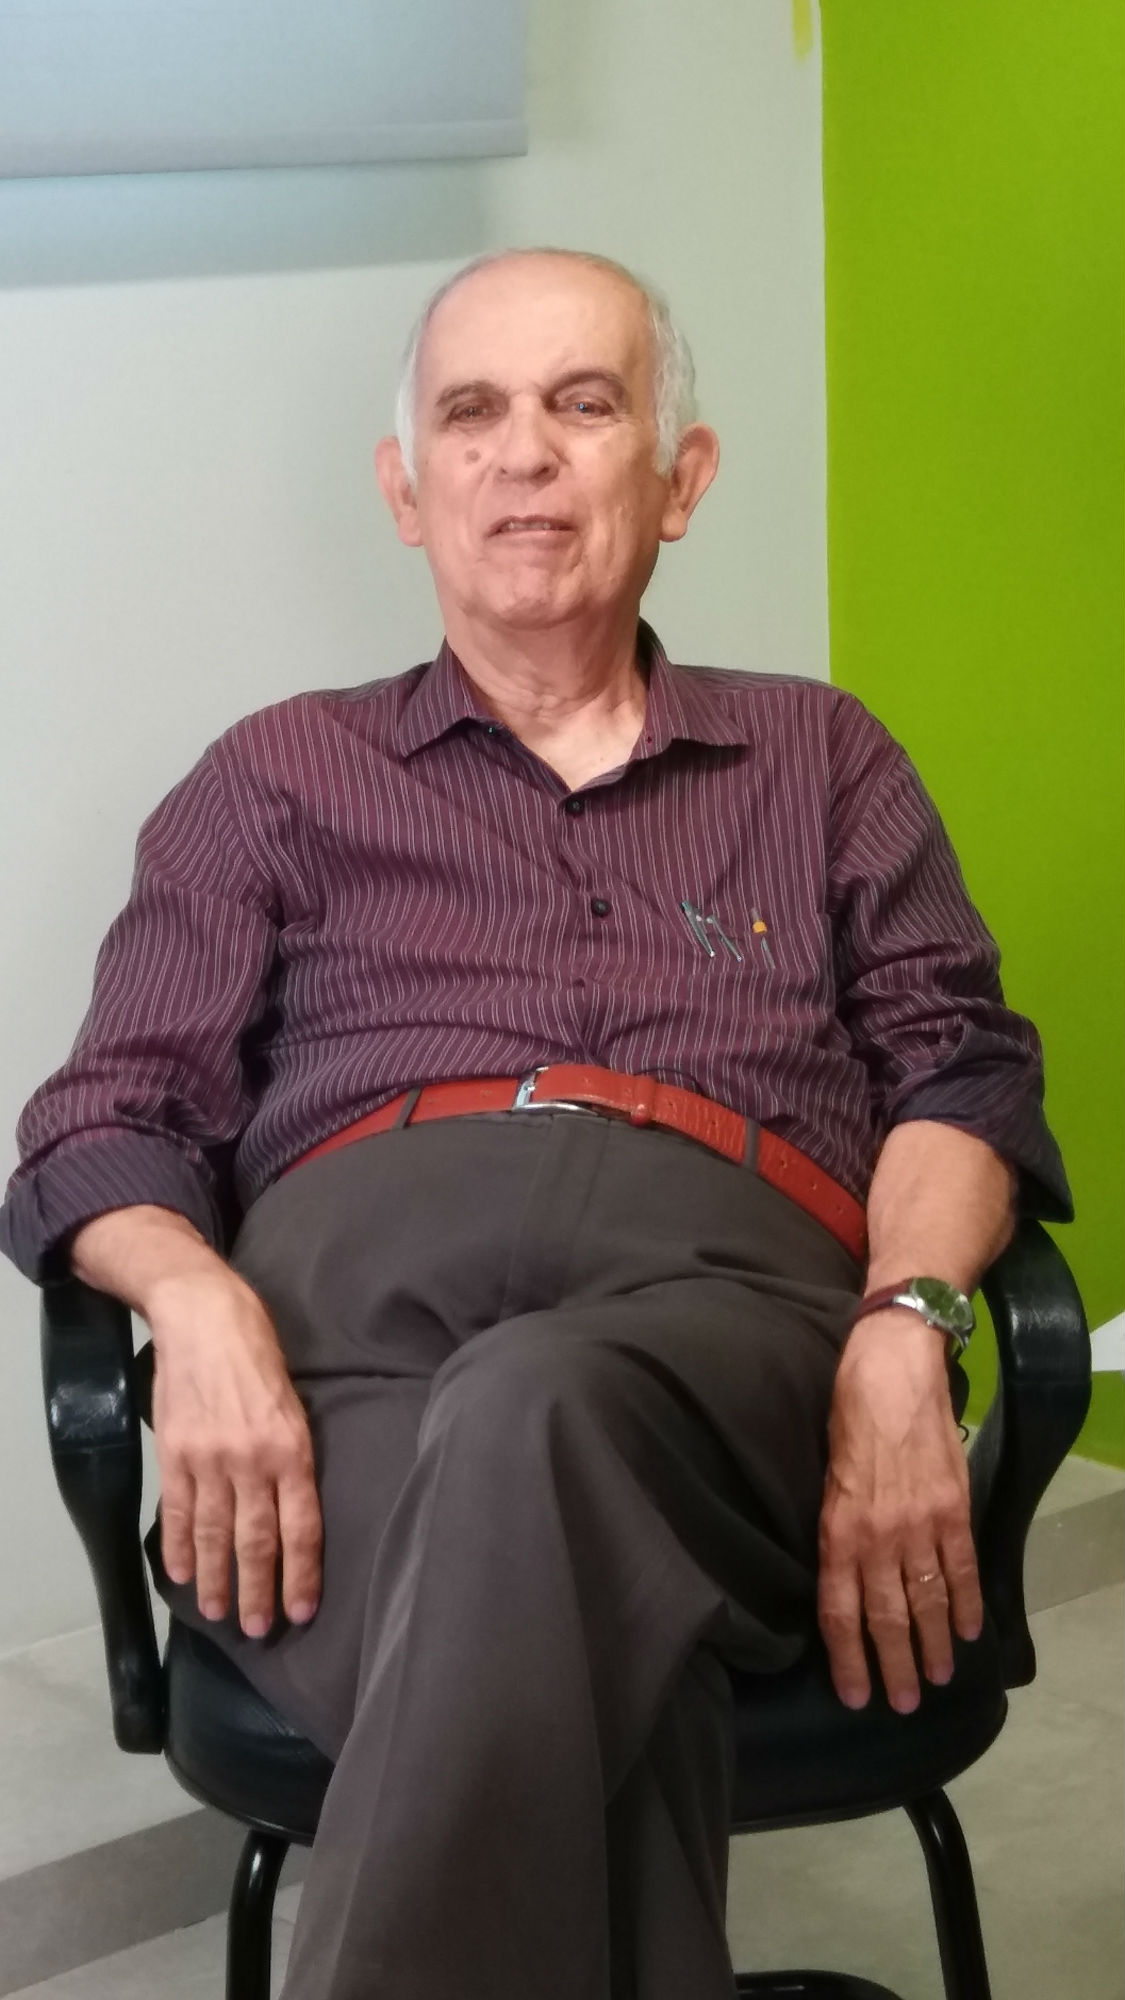 Memória do Futuro - Jaime Galvão abriu frente de treinamento na Universidade Católica, com o NIC